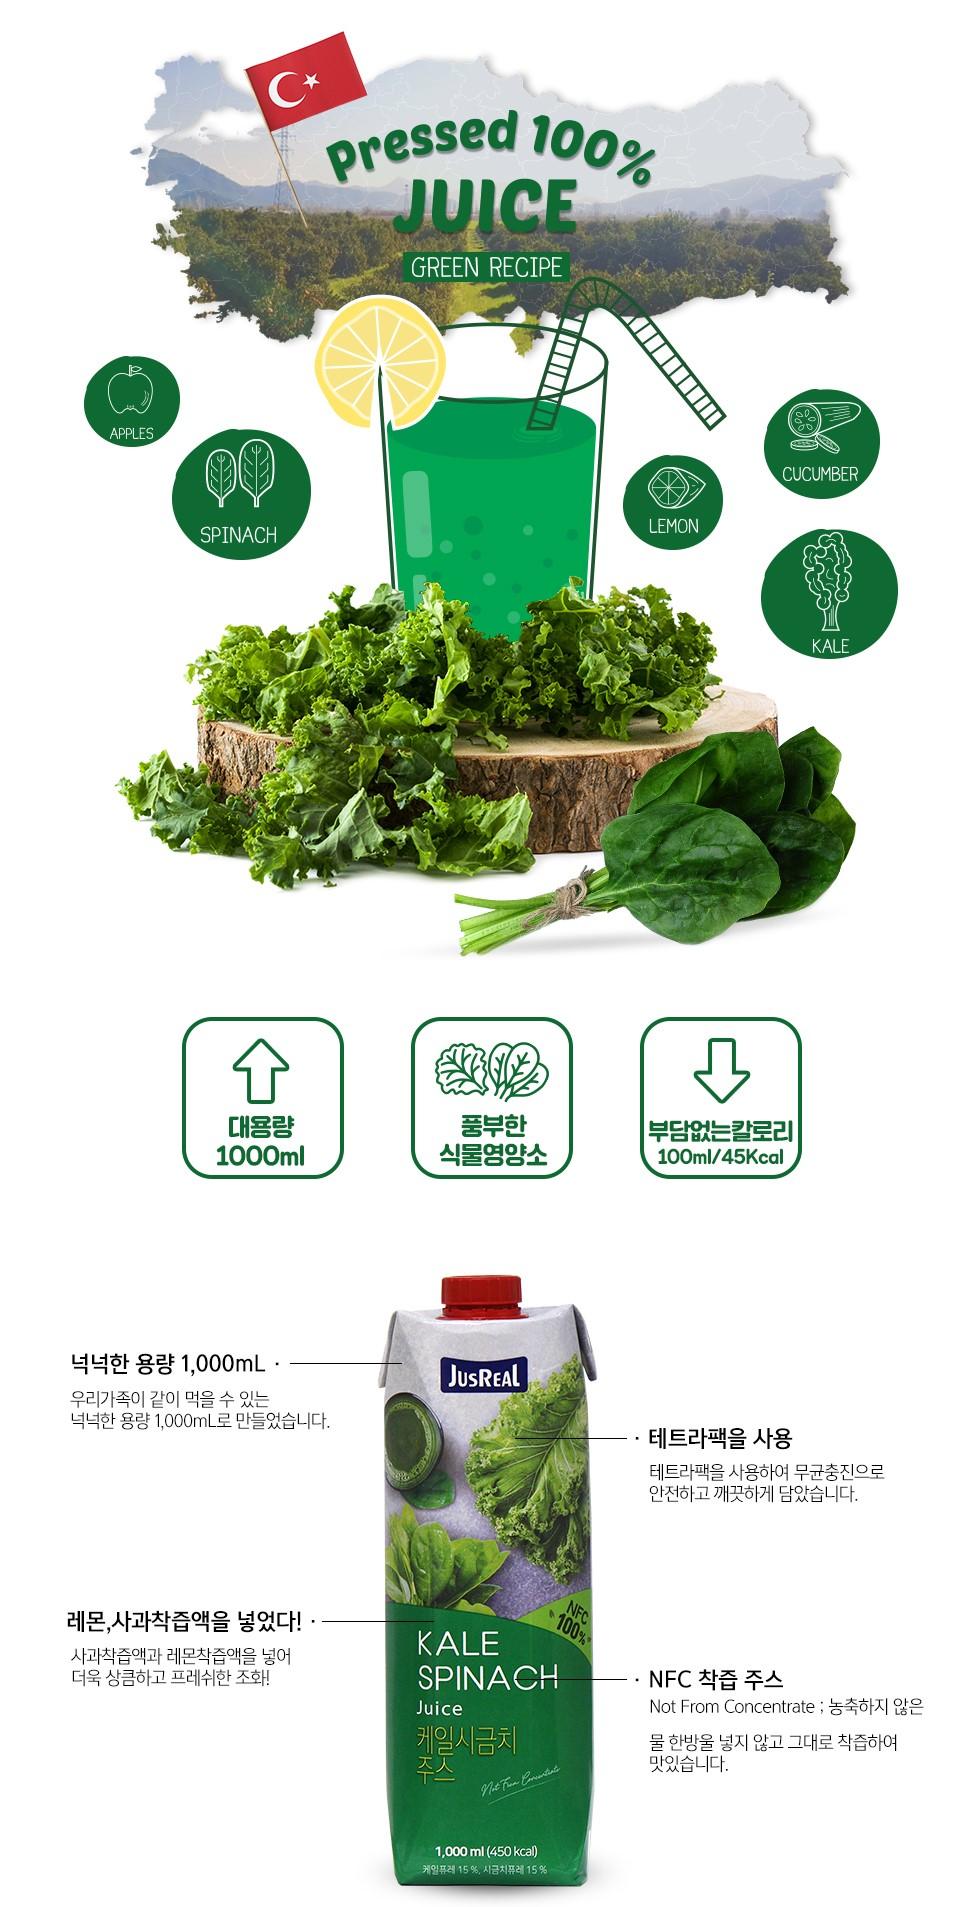 韓國食品-[Jusreal] Kale Spinach Juice 1000ml